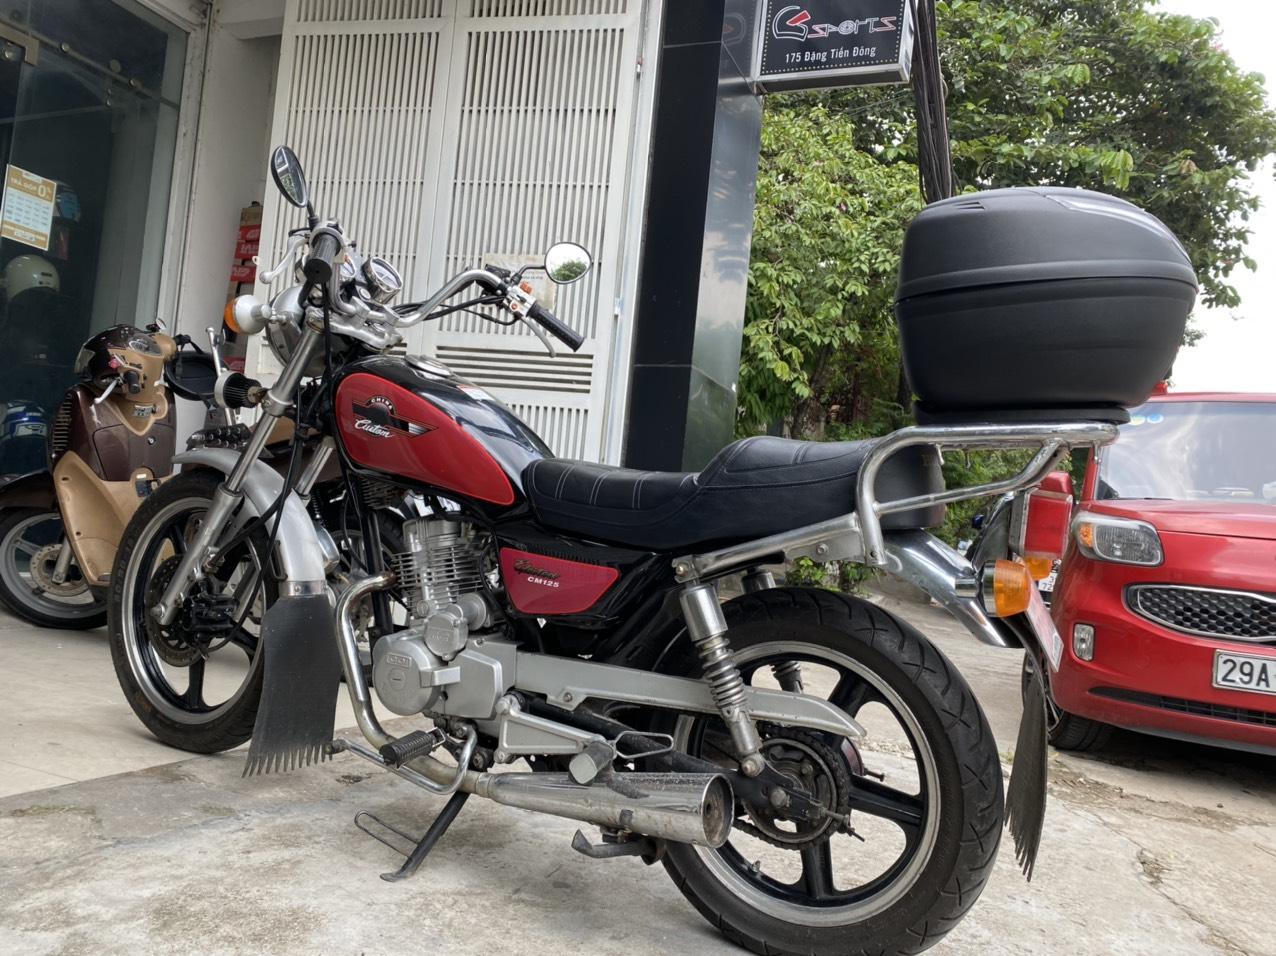 Thùng Givi nhỏ xinh giá chỉ hơn 1 triệu lên cho xe Honda Custom 125